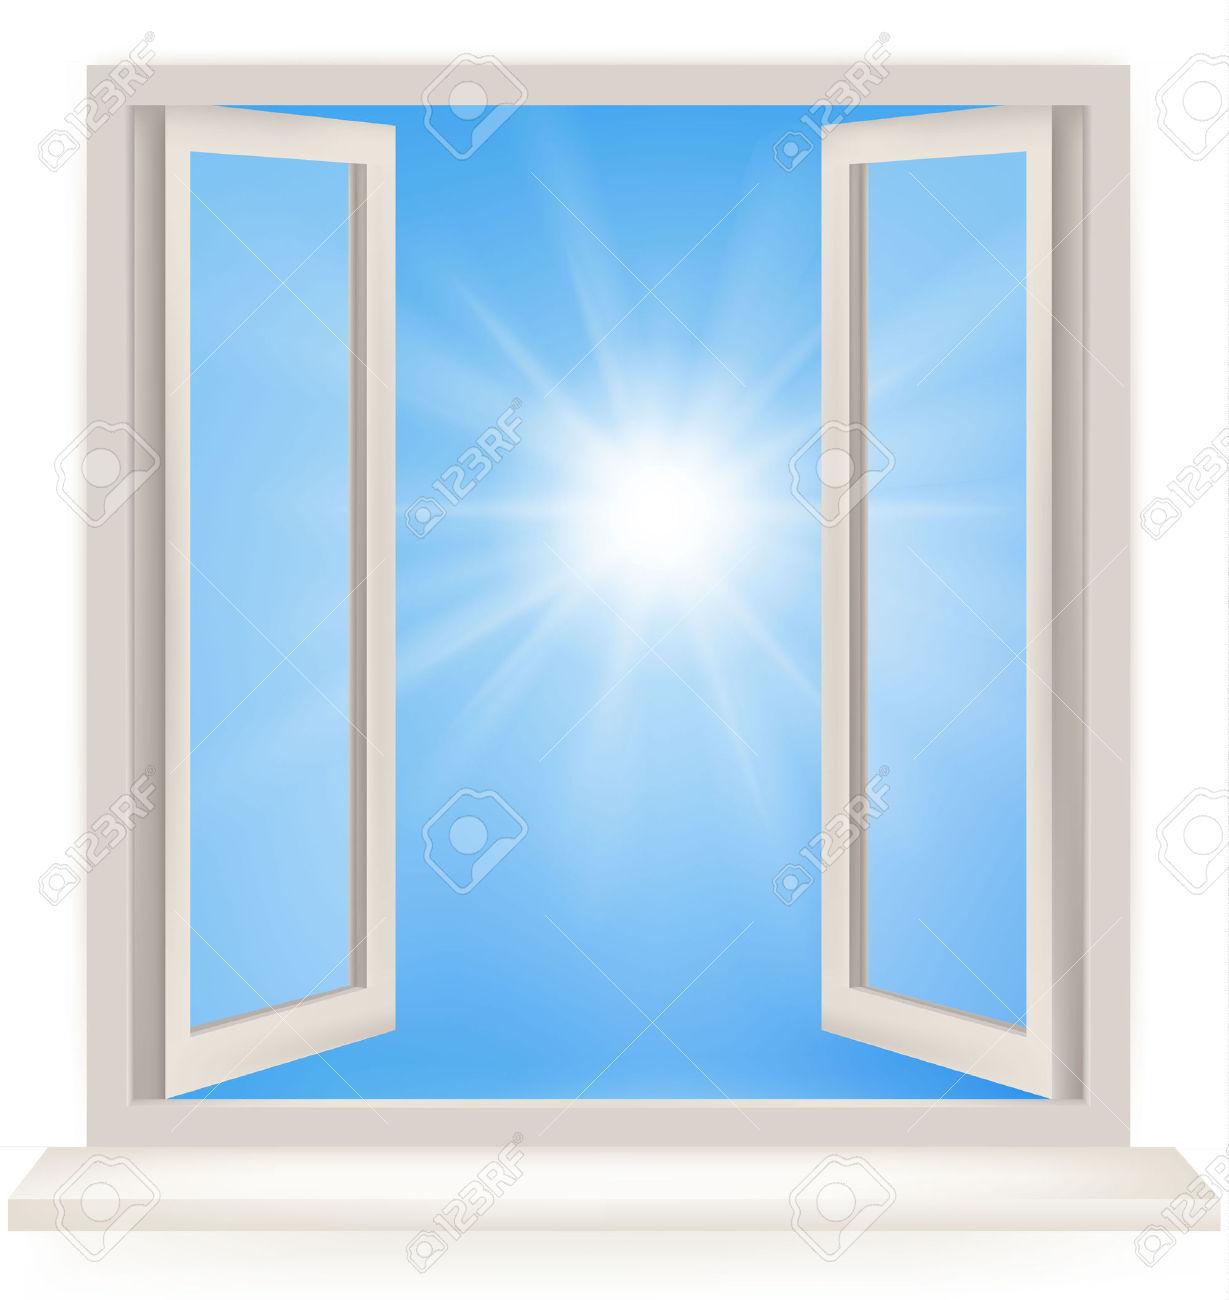 Open Window Clipart Clipart Suggest: الدرس الأخير من الوحدة العاشرة أولي إبتدائي ترم 2 E